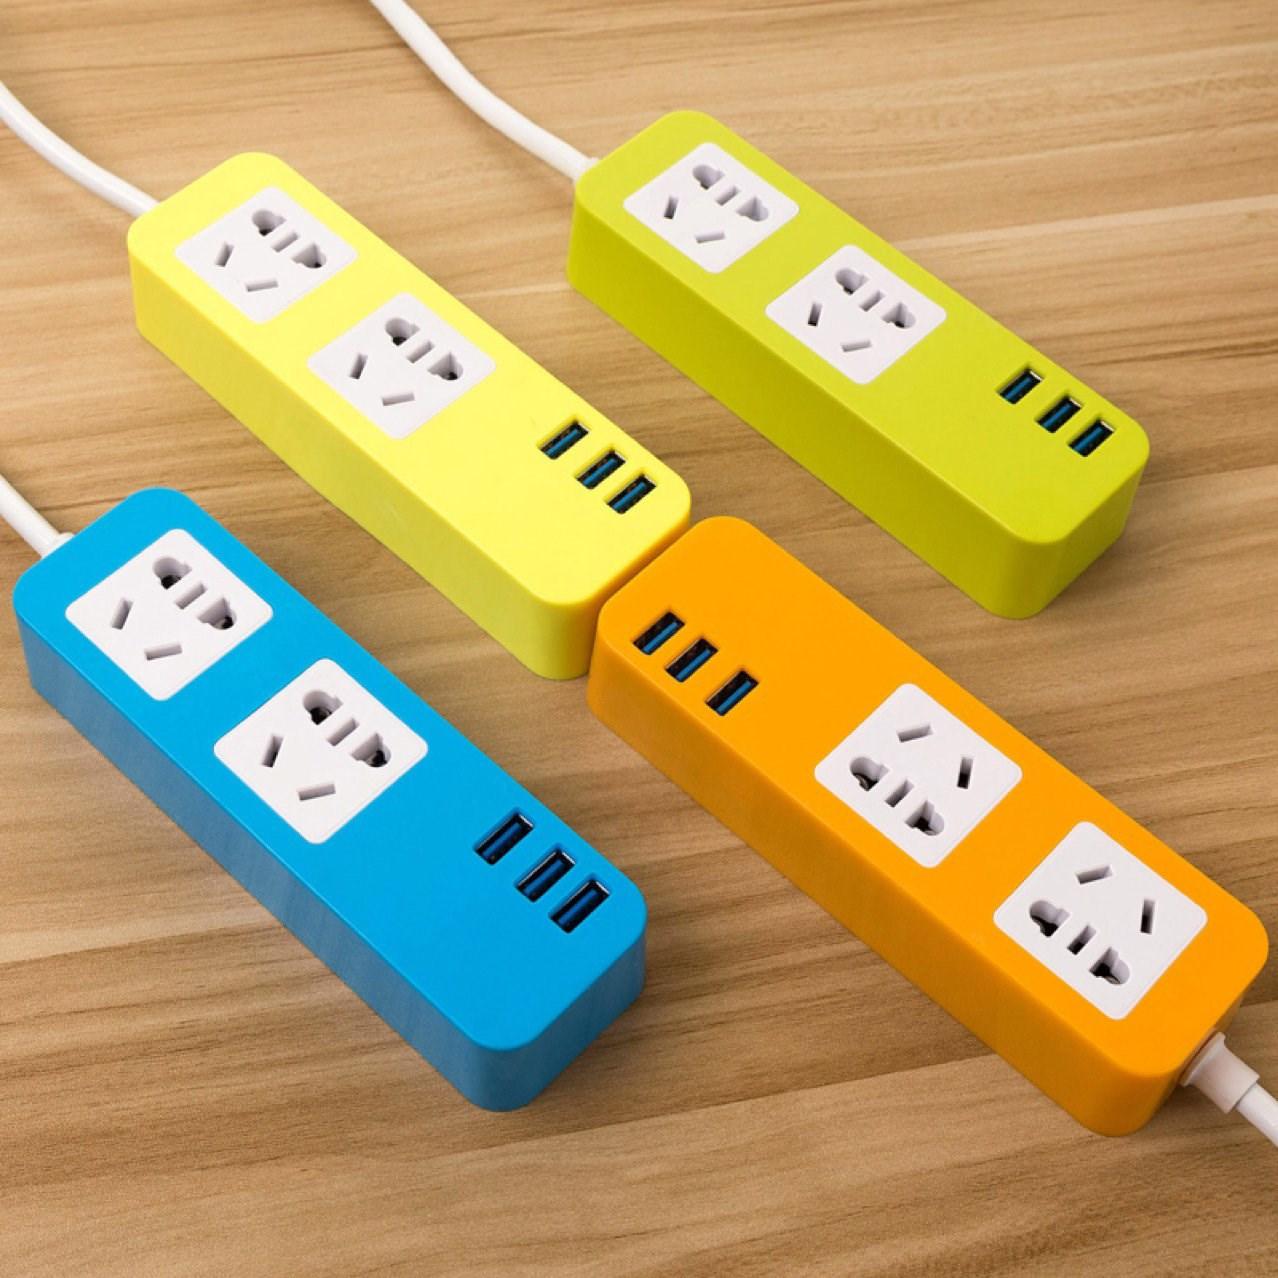 创意多功能插座带USB排插